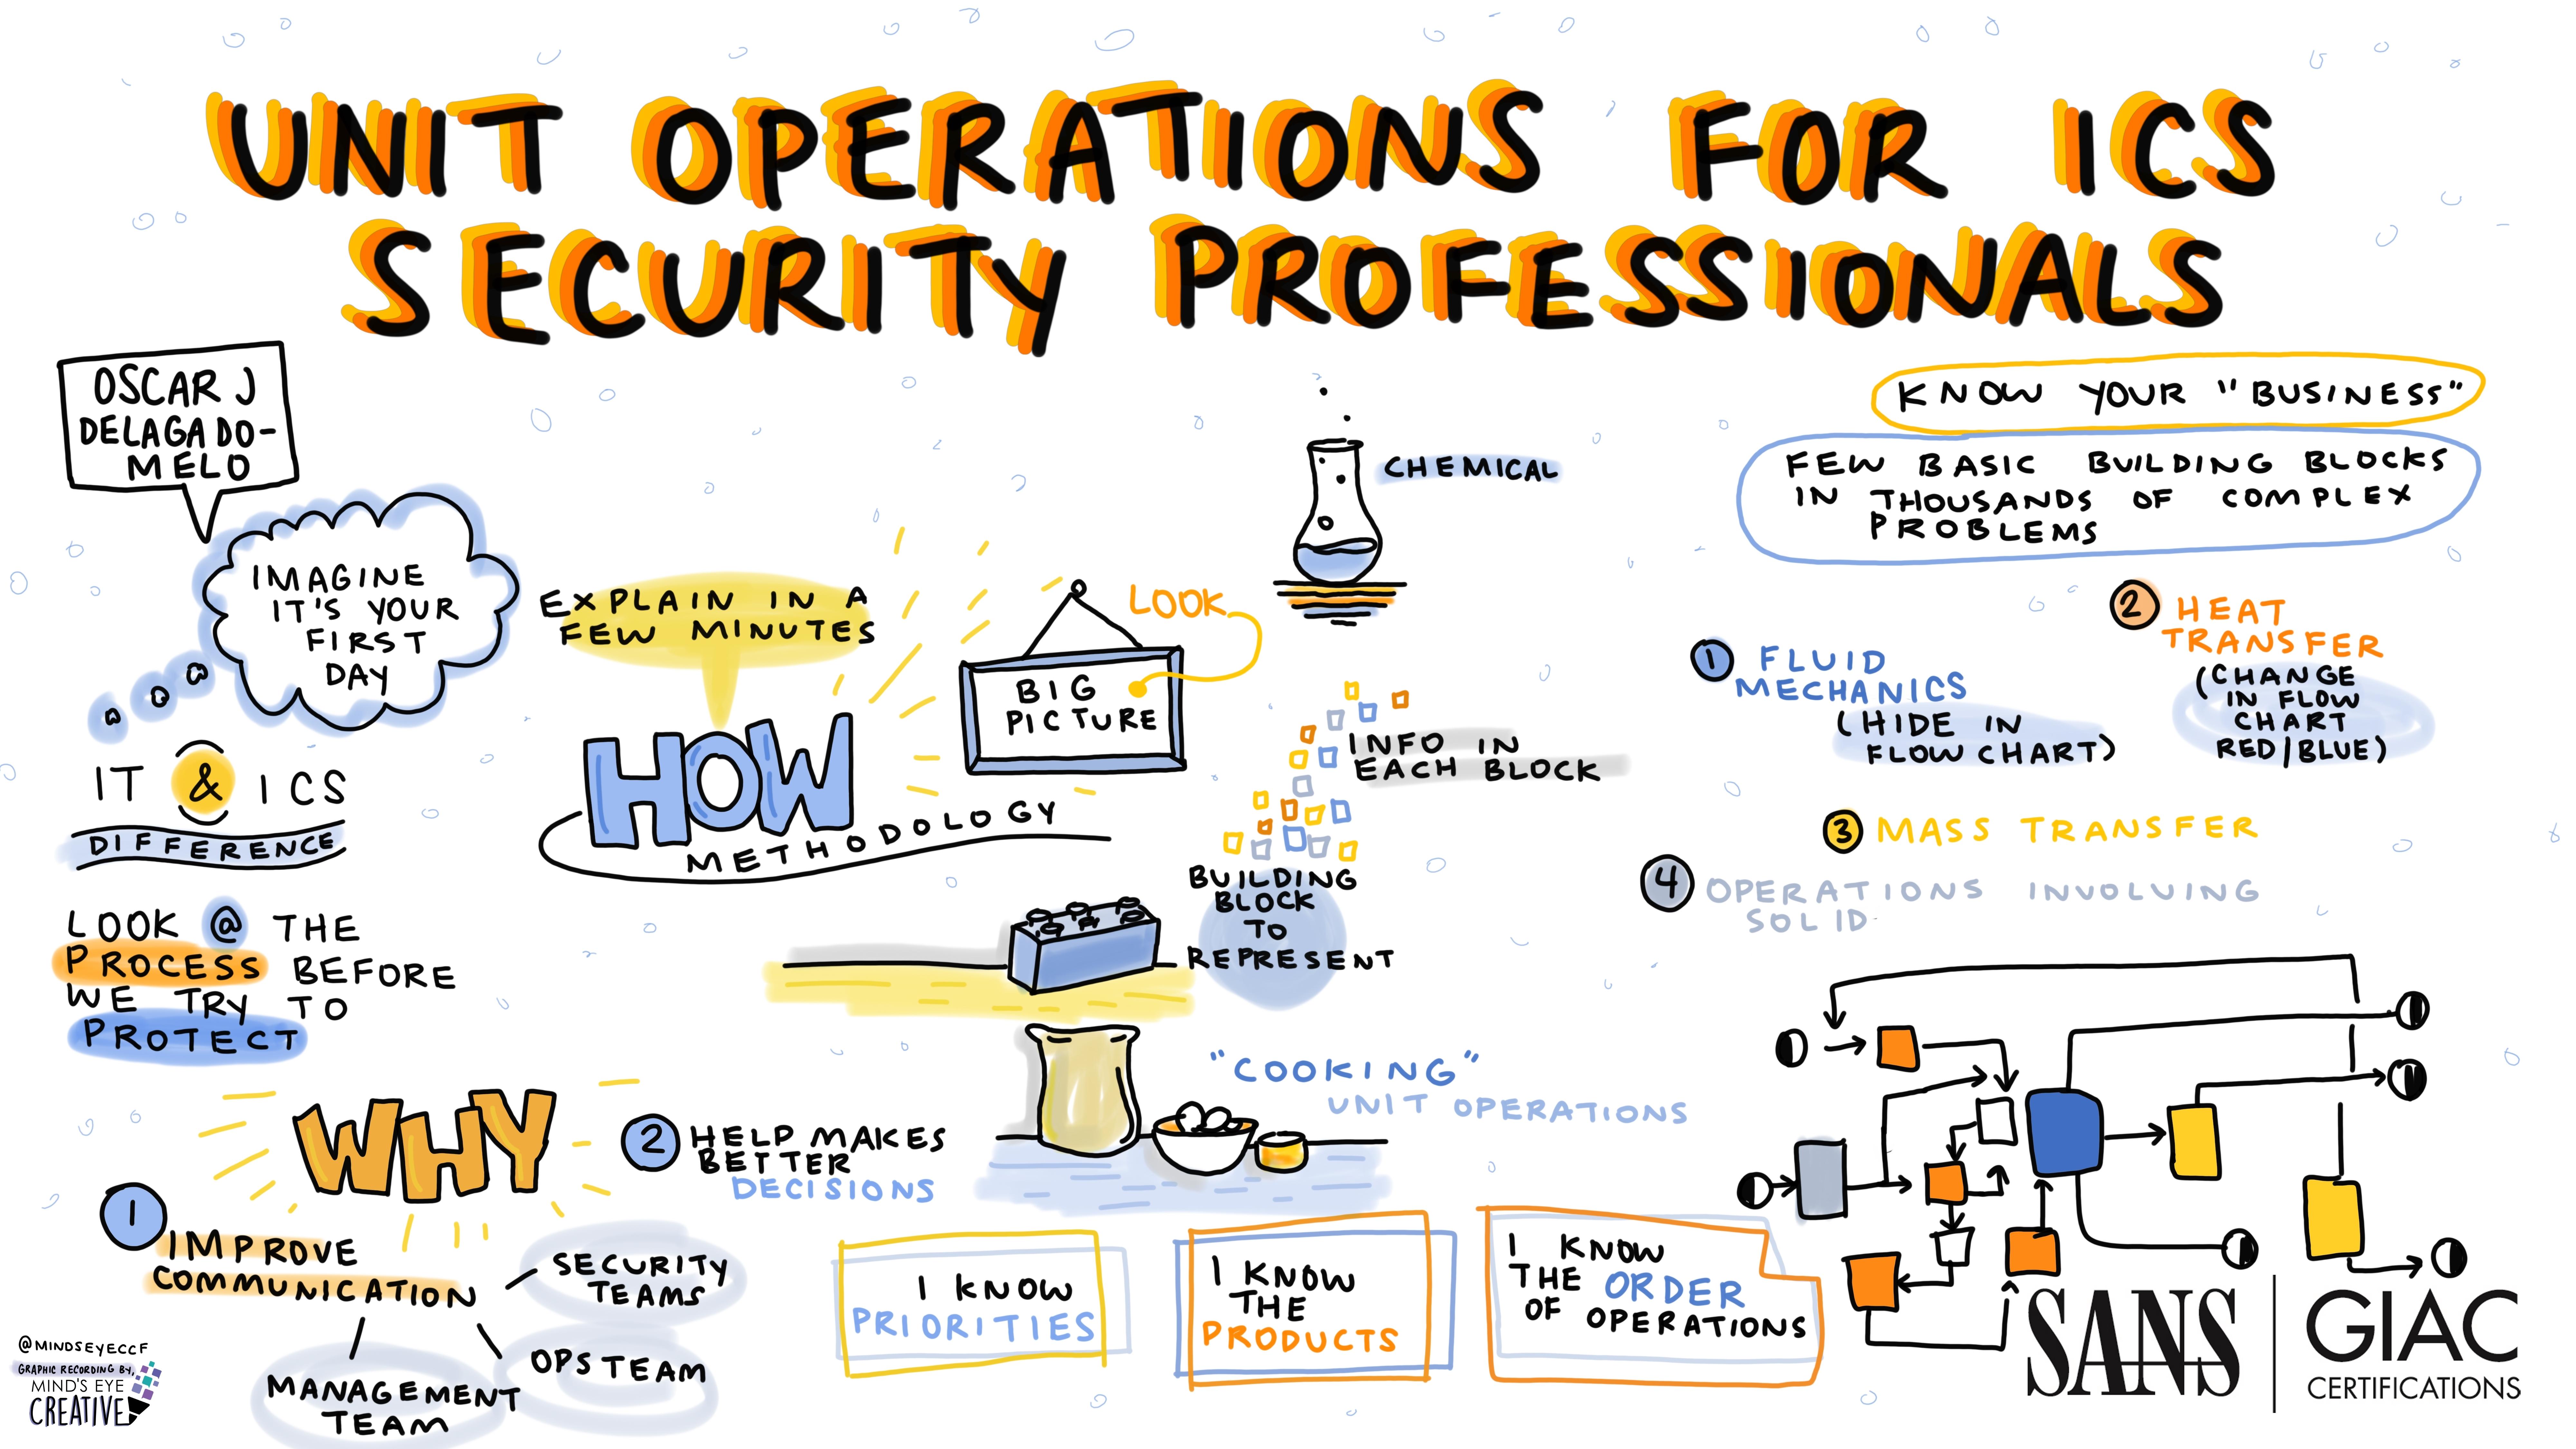 Unit_Operations_for_ICS_Security_Professionals_-_Oscar_J._Delagado-Melo_-_Graphic_Recording.jpg